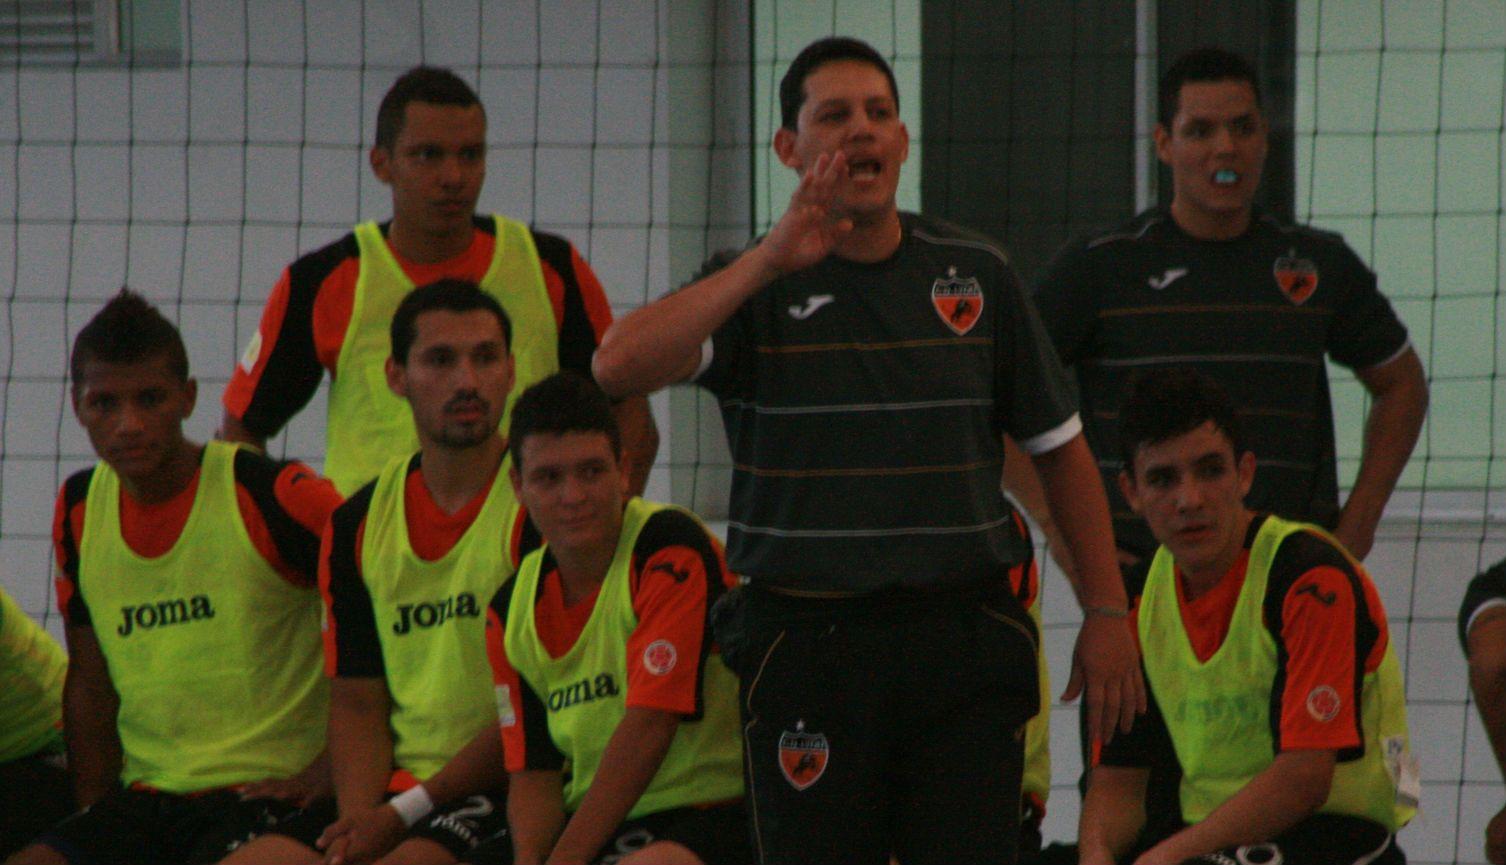 Desde la línea se habla con autoridad. #DeportivoLyon